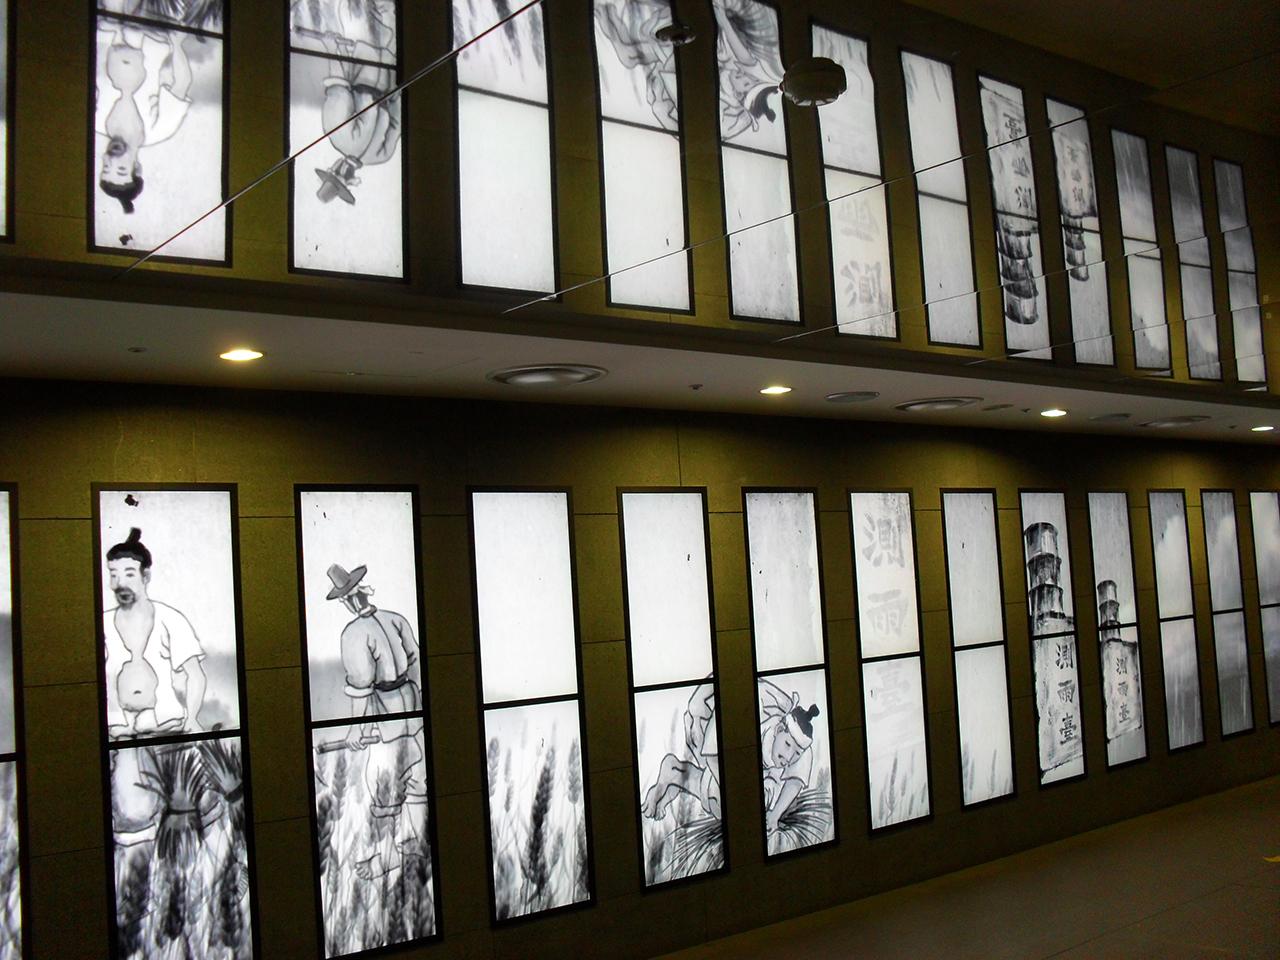 농사짓는 사람들. 서울시 광화문광장 지하의 '세종 이야기'에서 찍은 사진.